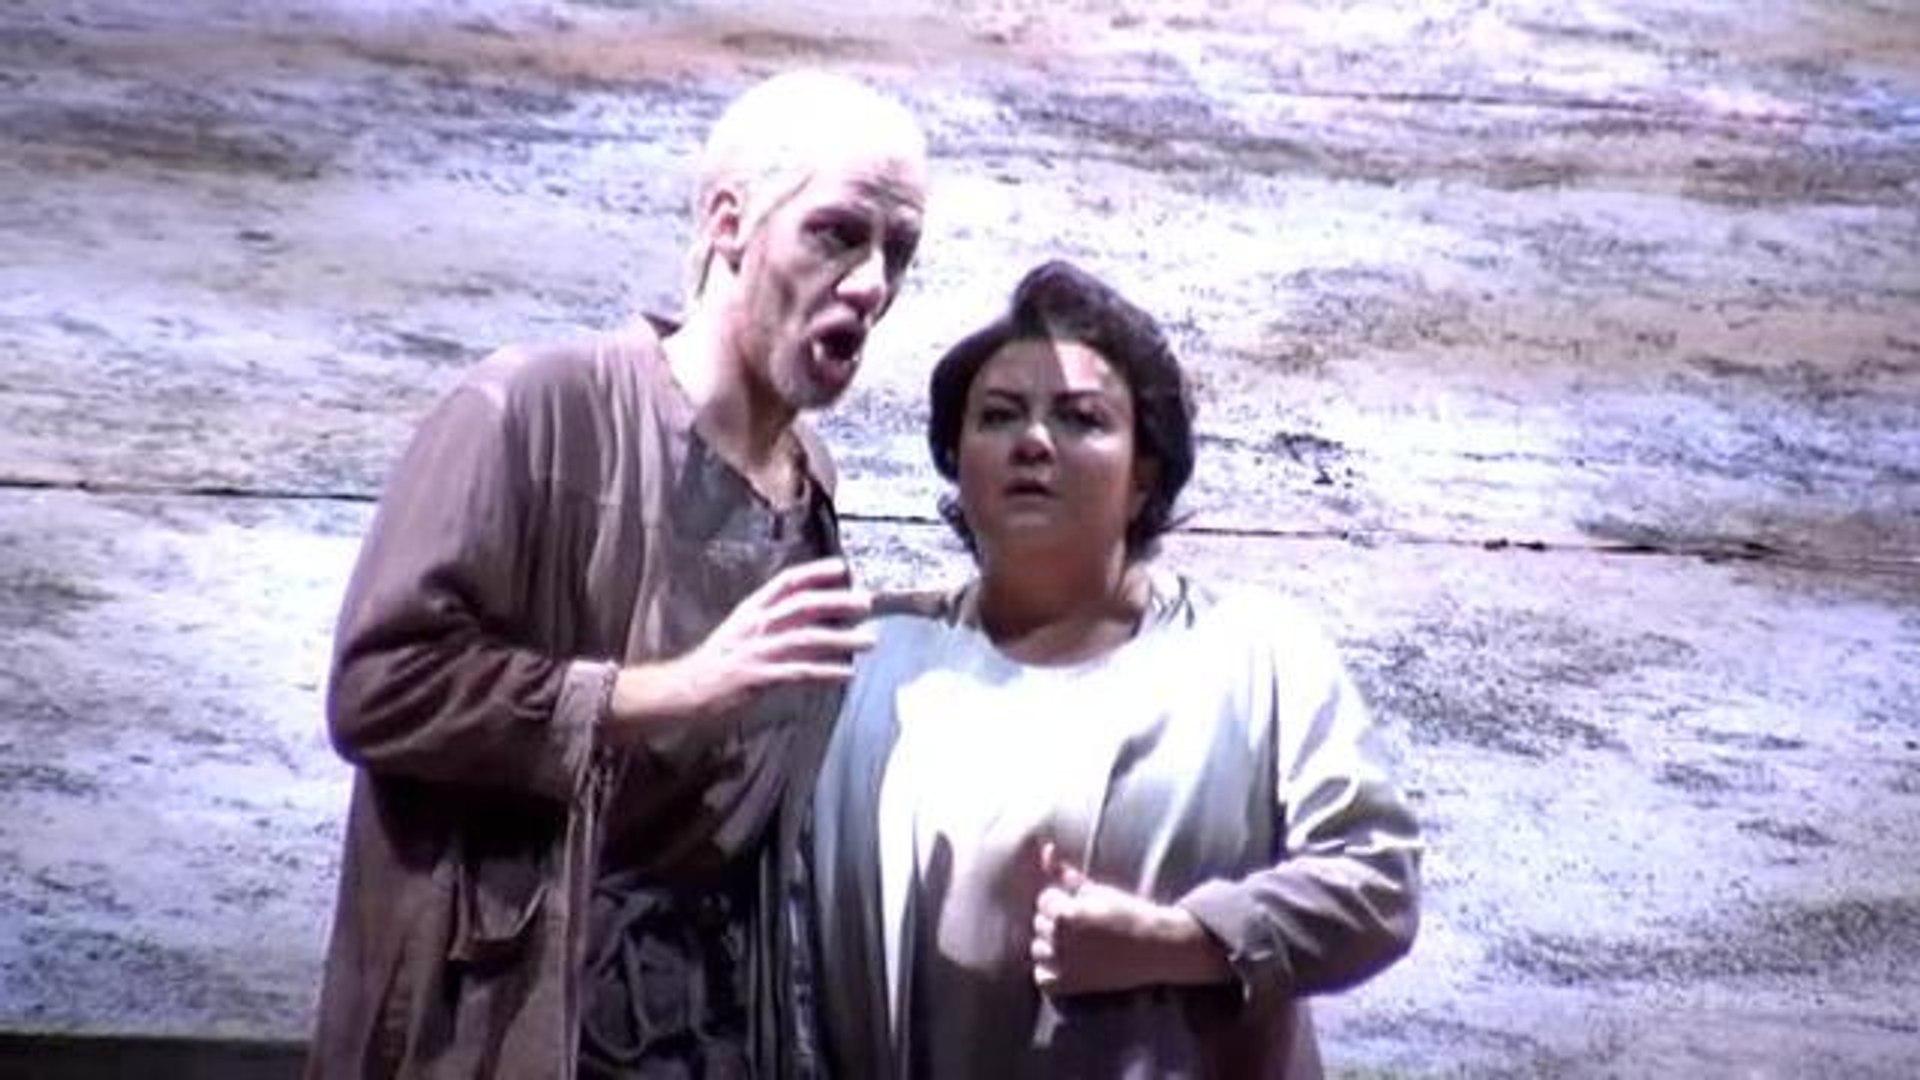 'Fidelio', la única ópera que compuso Beethoven, llega a Bilbao de la mano de ABAO